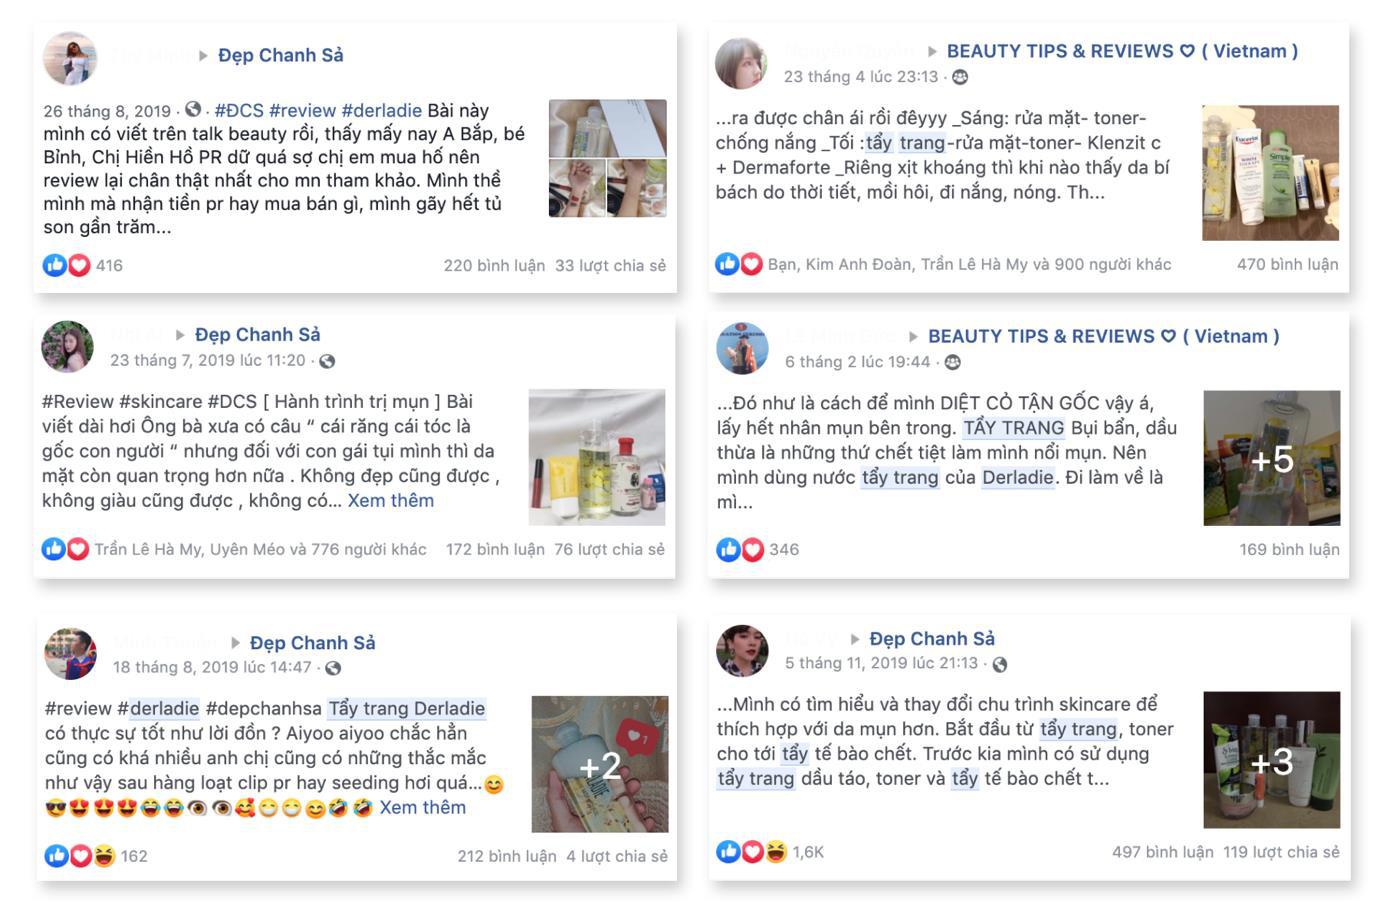 Review tẩy trang được các sao Việt yêu thích – Võ Hoàng Yến chấm điểm 10 cho Derladie - Ảnh 7.